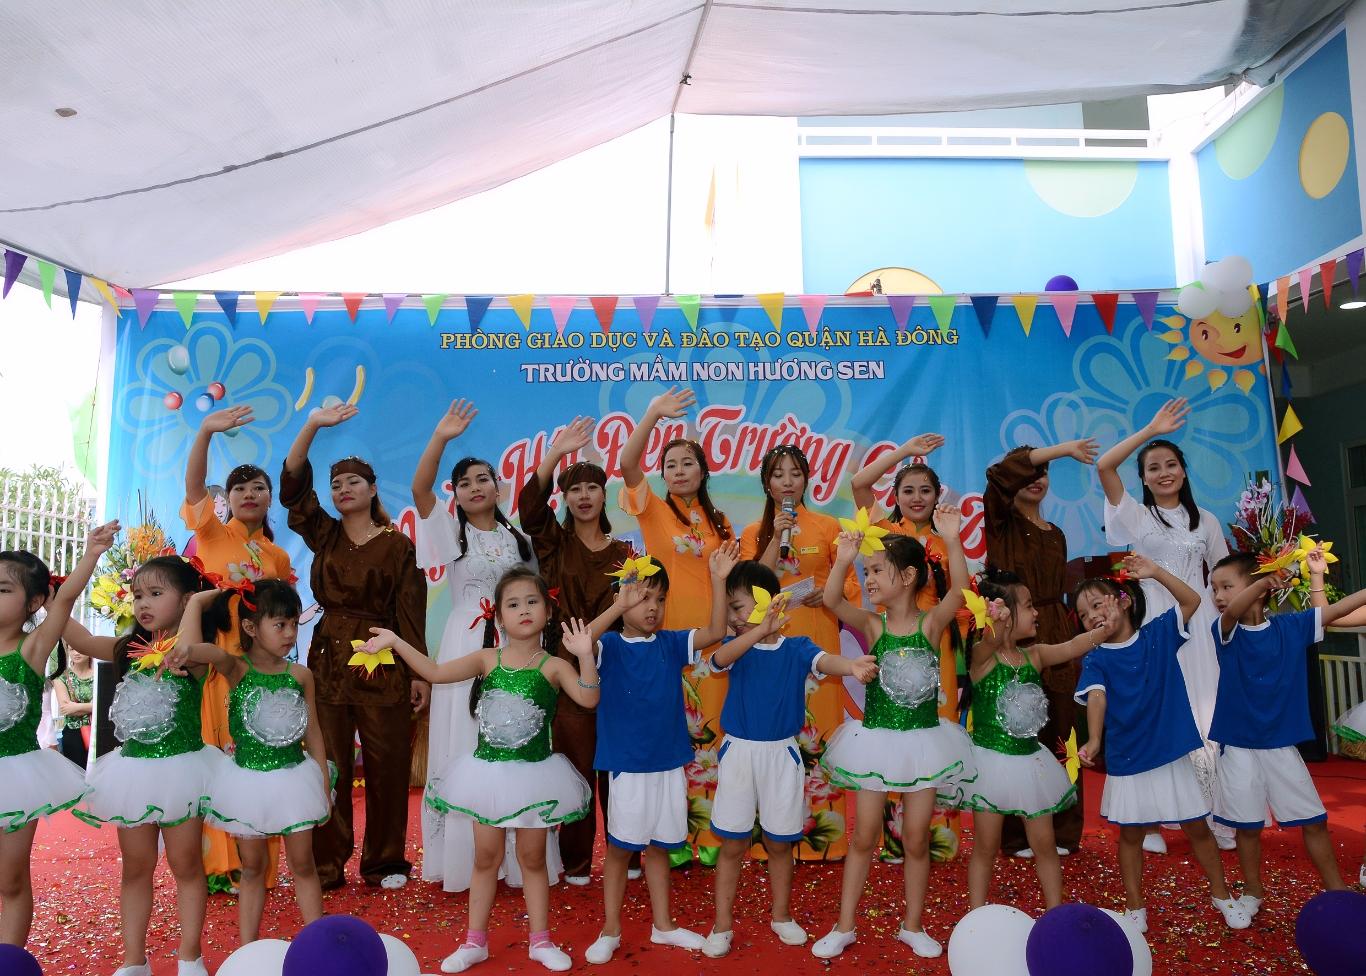 Ngày Hội đến trường của bé năm 2016